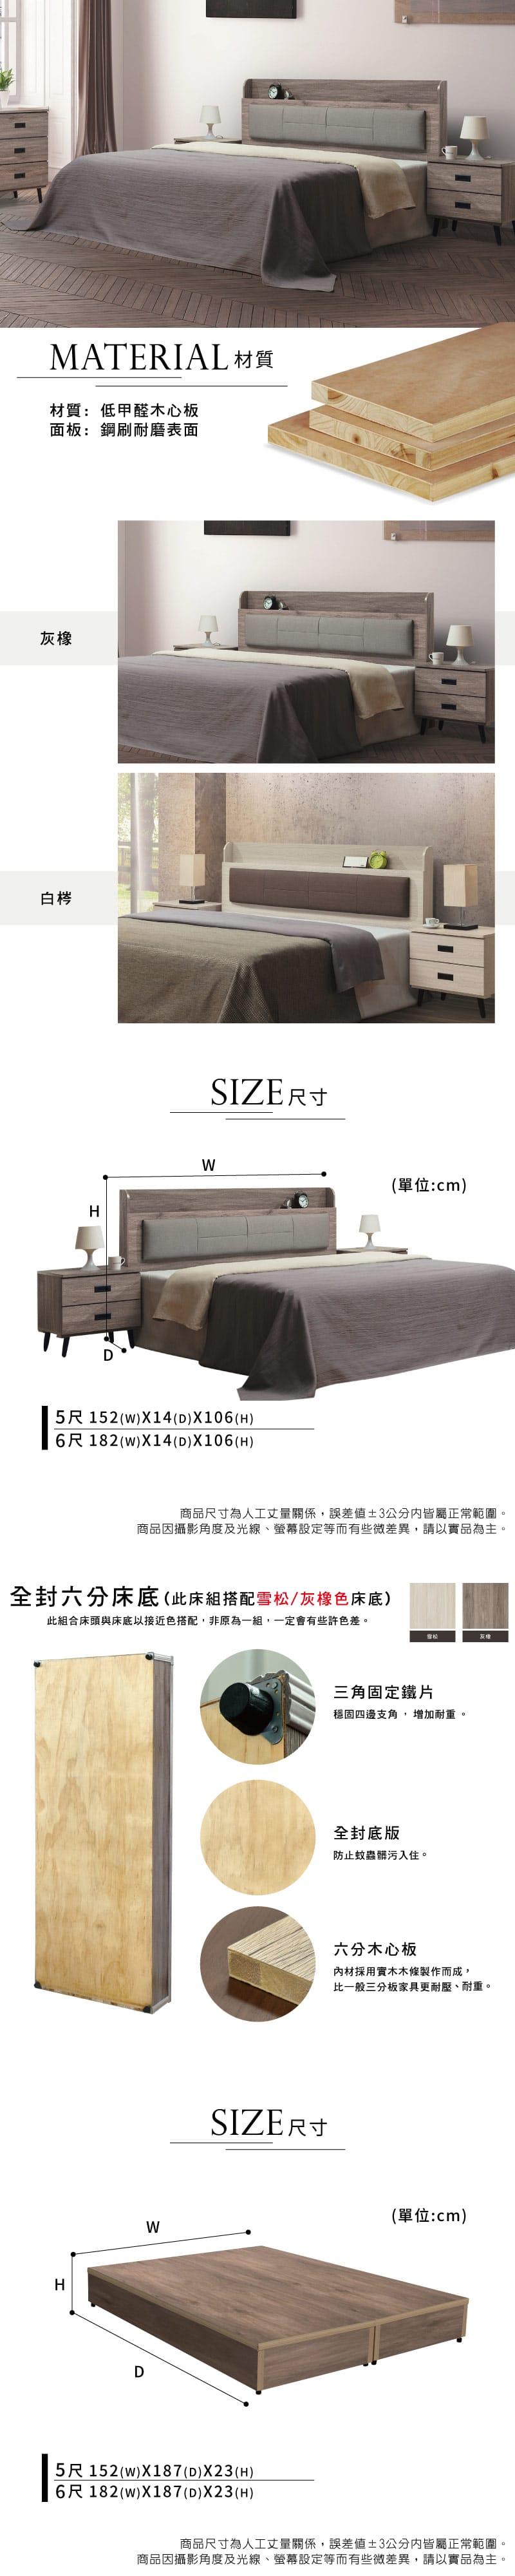 貓抓皮床組兩件雙人加大6尺(床頭片+床底)【威爾】